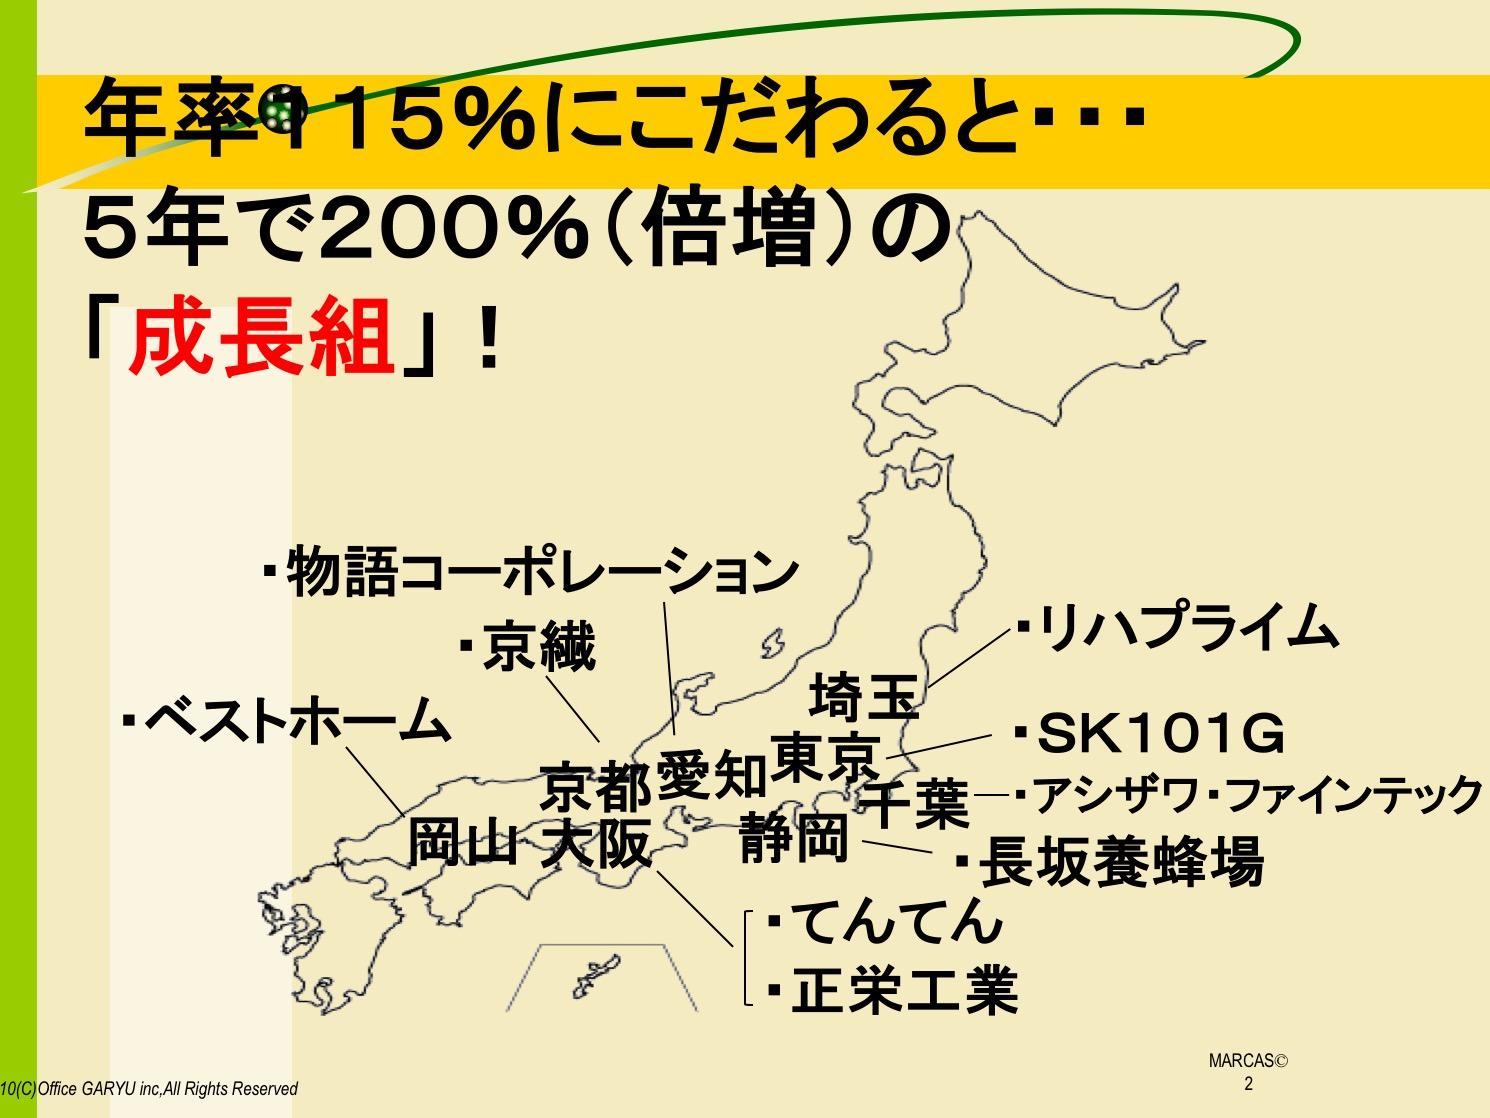 %e3%82%b9%e3%83%a9%e3%82%a4%e3%83%8903